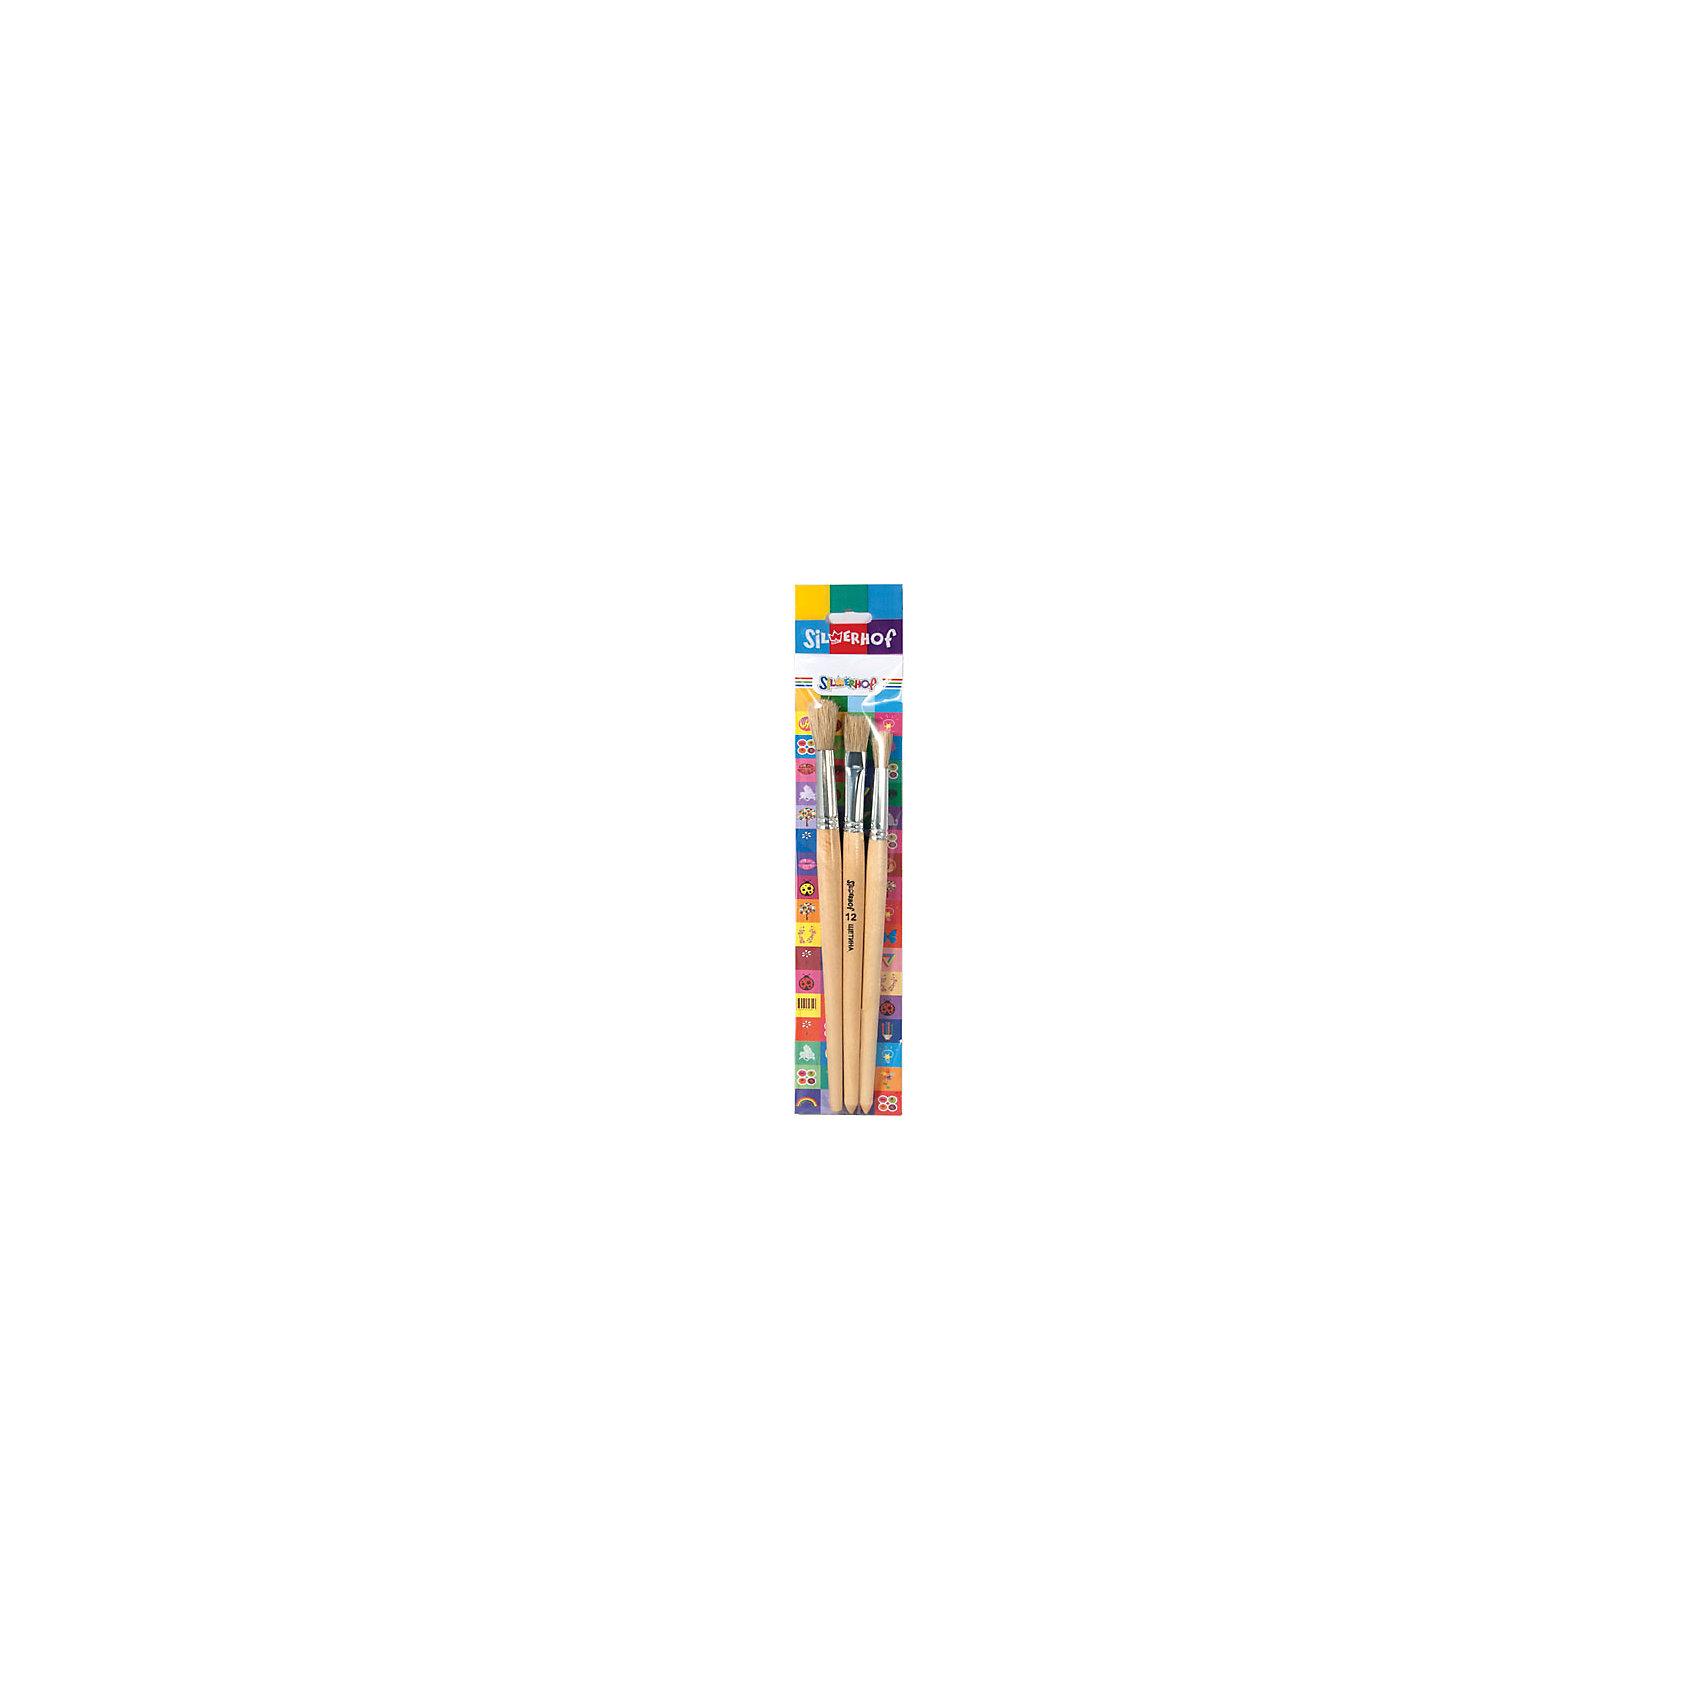 Набор кистей, 3шт, EMOTIONS, щетинаХарактеристики товара:<br><br>• материал: дерево, щетина<br>• комплектация: 3 шт<br>• щетина круглые, №7,10, щетина плоская №12<br>• деревянная лакированная ручка<br>• упаковка: картонная подложка, пластиковый пакет <br>• страна бренда: Российская Федерация<br>• страна производства: Китай<br><br>Сделать творчество и учебу интереснее для ребенка поможет этот набор кисточек! С помощью него удобно рисовать, в комплект входят кисти разного размера, они отличаются отлично подходящей для рисования щетиной.<br>Изделия качественно выполнены, сделаны из безопасных для детей материалов. Рисование помогает детям лучше развить мелкую моторику, память, внимание, аккуратность и мышление. Такой набор - отличный подарок творческому ребенку!<br><br>Набор кистей, 3шт, EMOTIONS, щетина, от бренда Silwerhof можно купить в нашем интернет-магазине.<br><br>Ширина мм: 10<br>Глубина мм: 60<br>Высота мм: 310<br>Вес г: 40<br>Возраст от месяцев: 36<br>Возраст до месяцев: 144<br>Пол: Унисекс<br>Возраст: Детский<br>SKU: 5020533